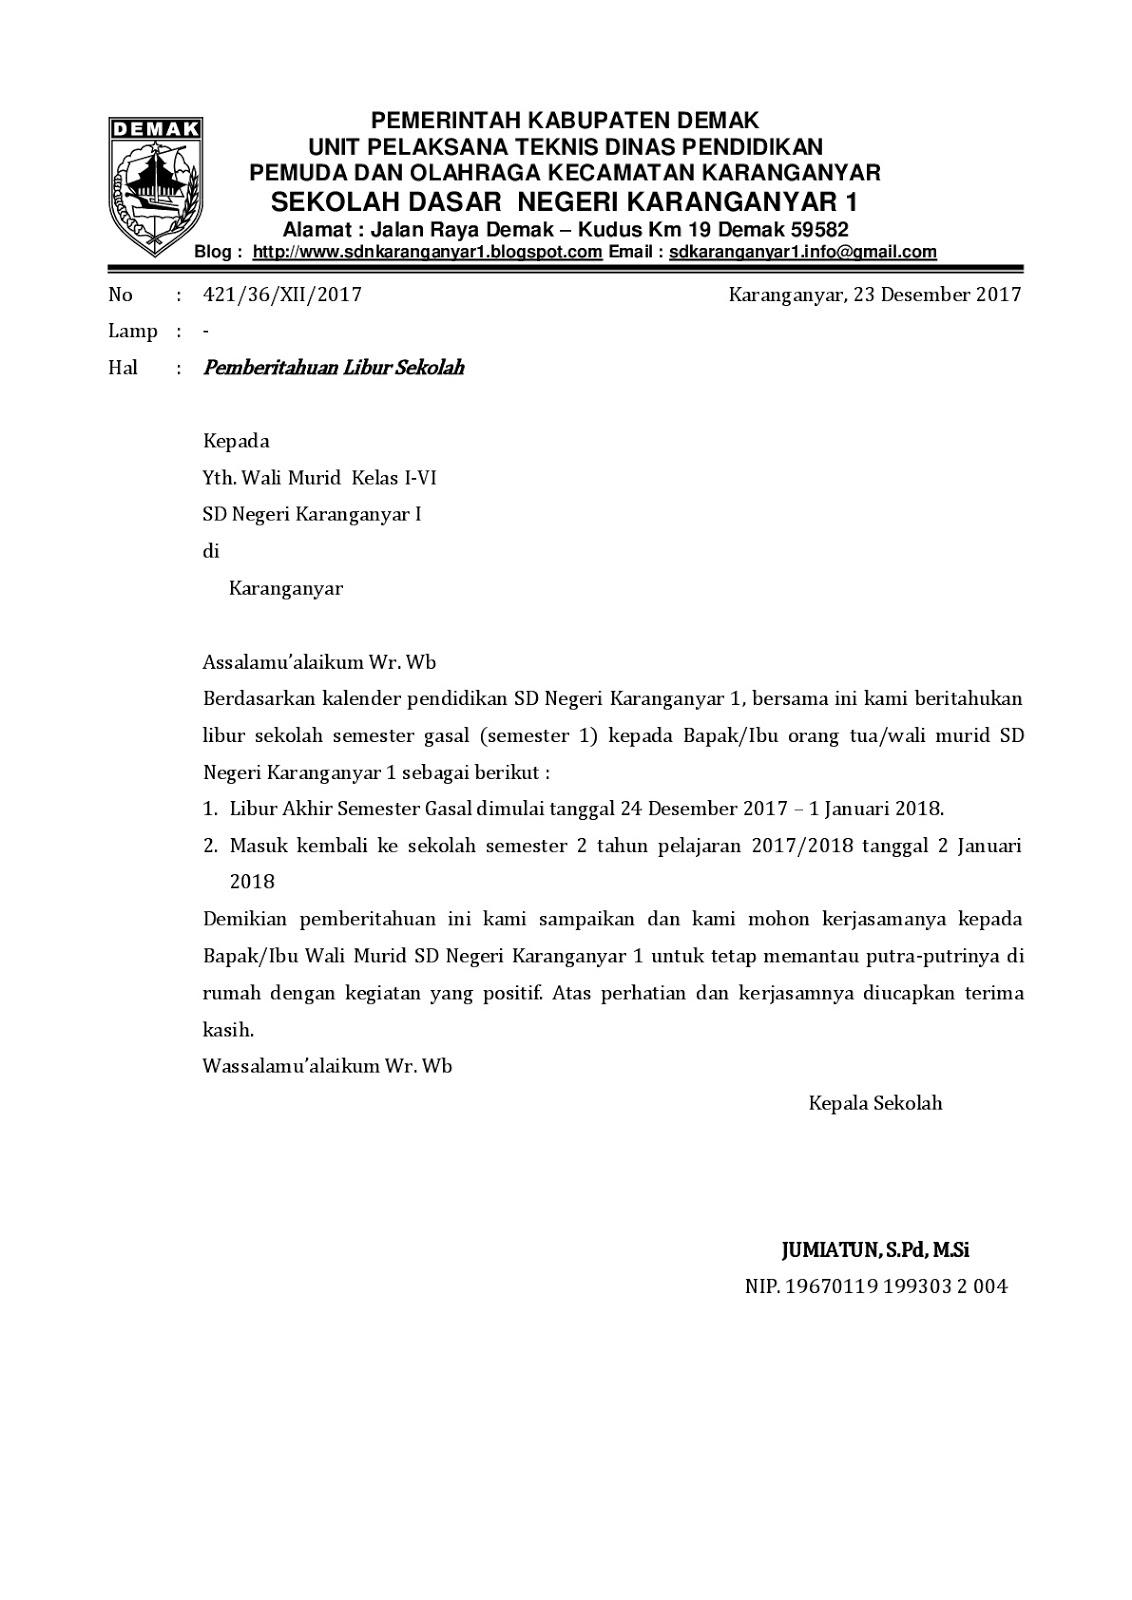 Download Contoh Surat Pemberitahuan Hari Libur Sekolah ...